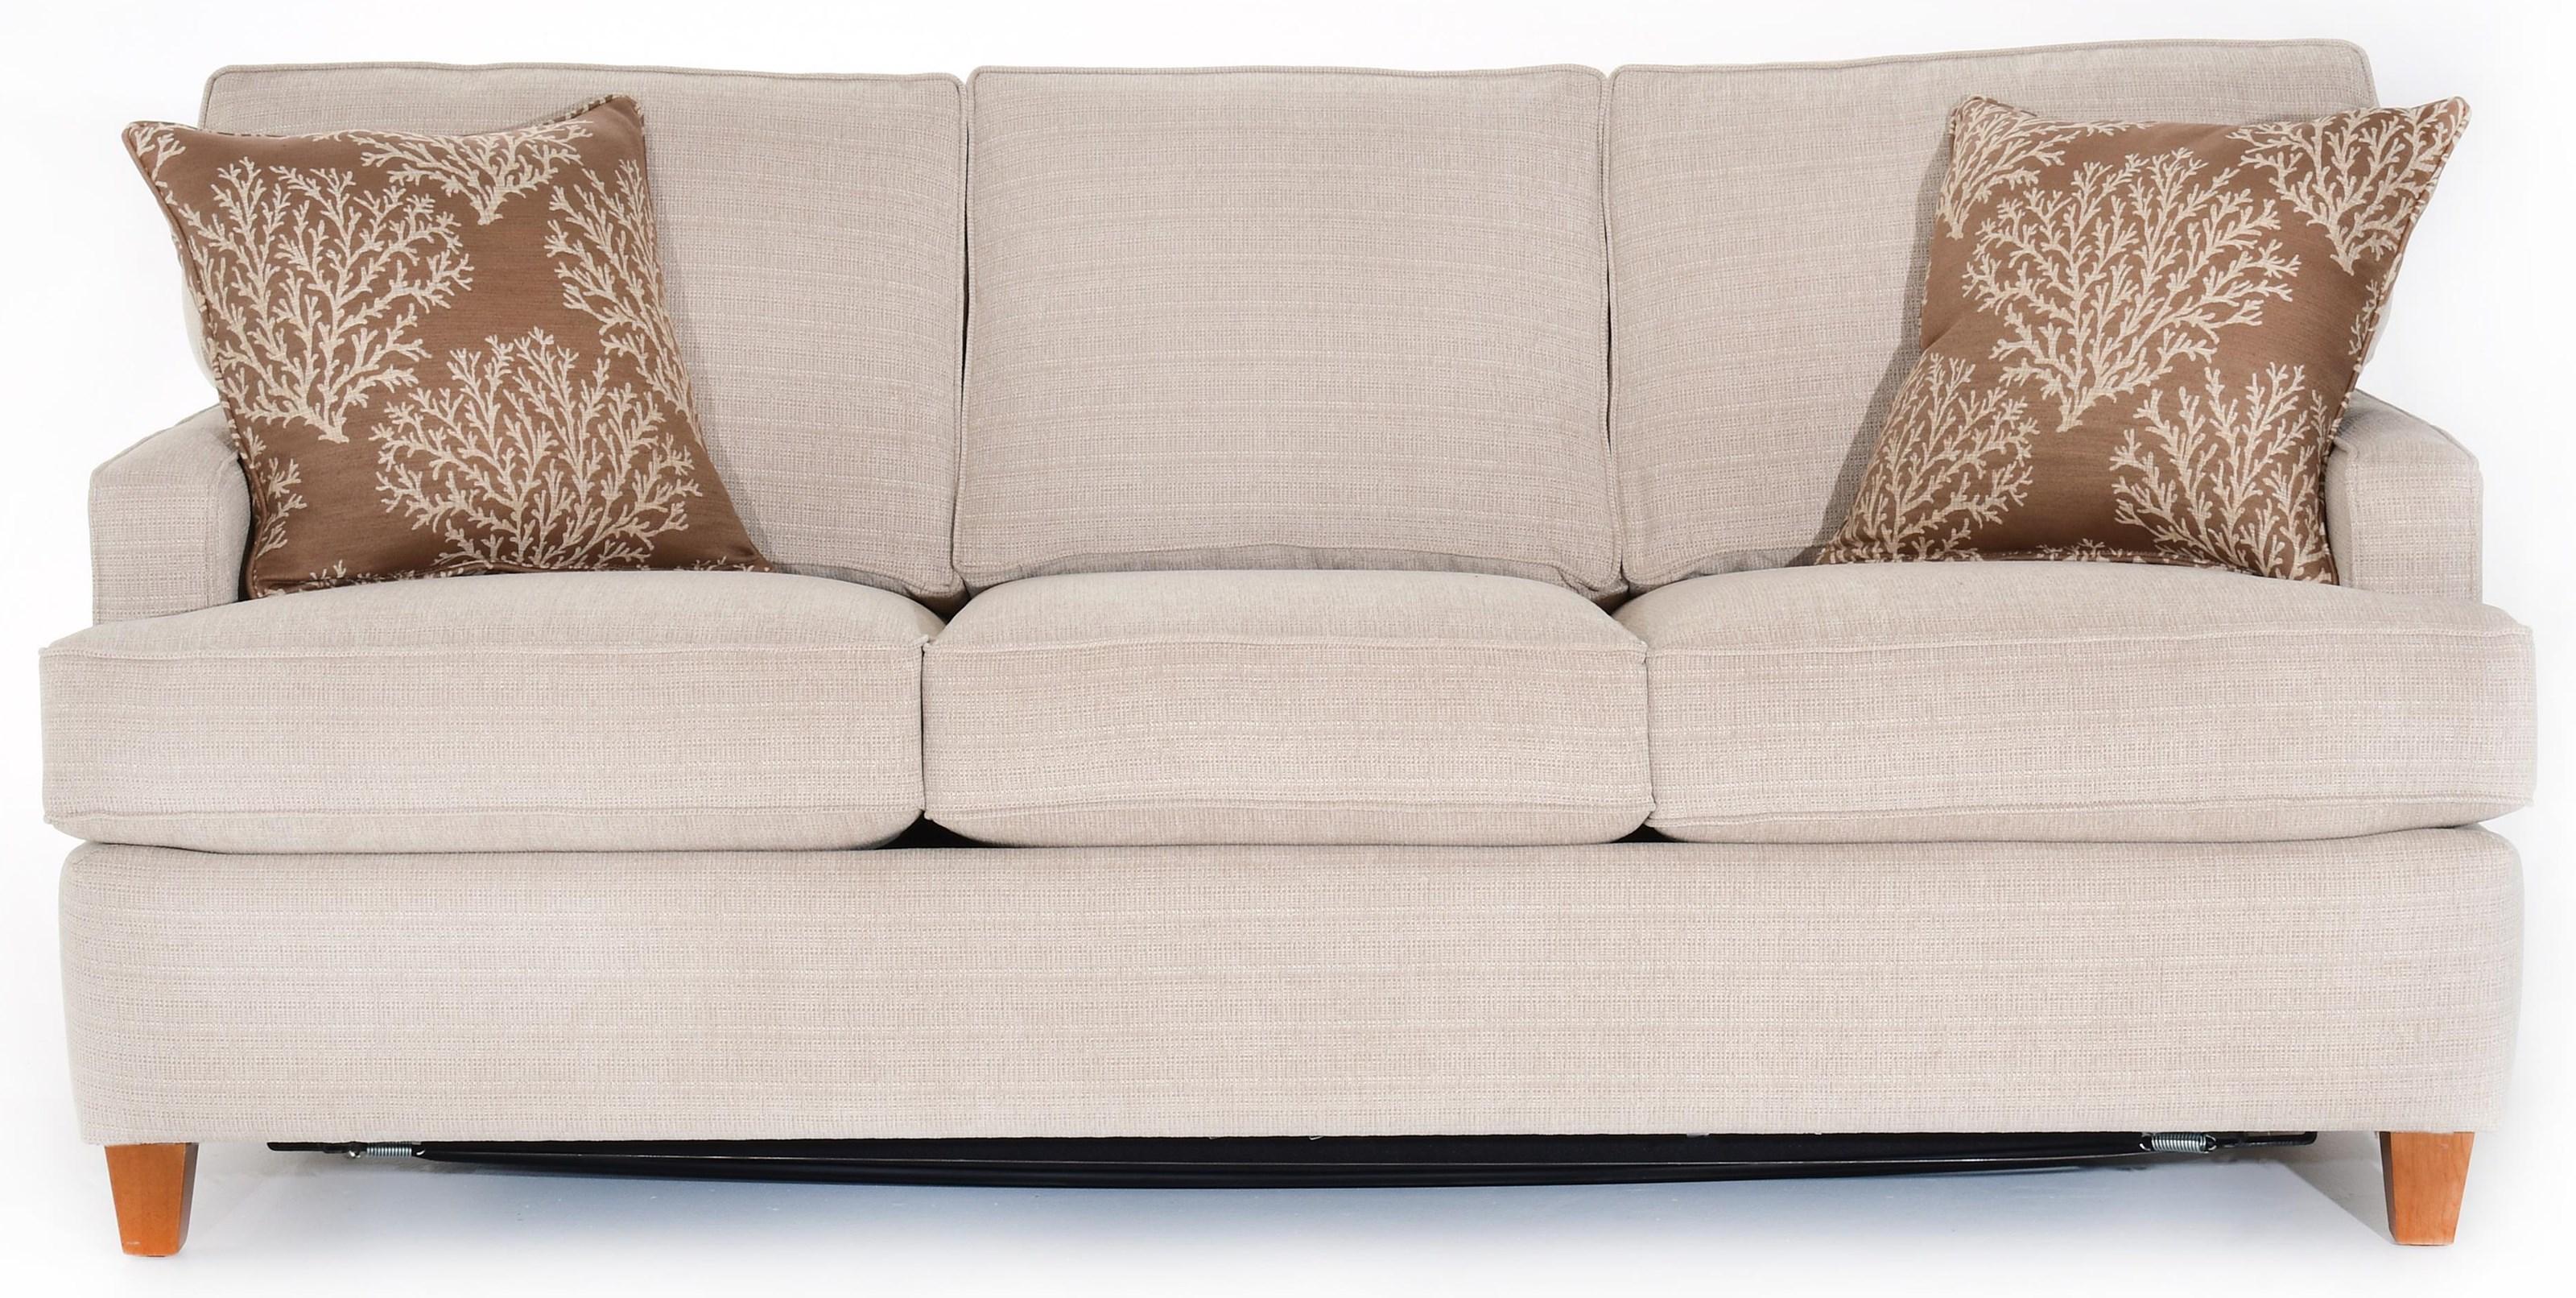 Capris Furniture 162 Sofa - Item Number: S162 1DUNCDO